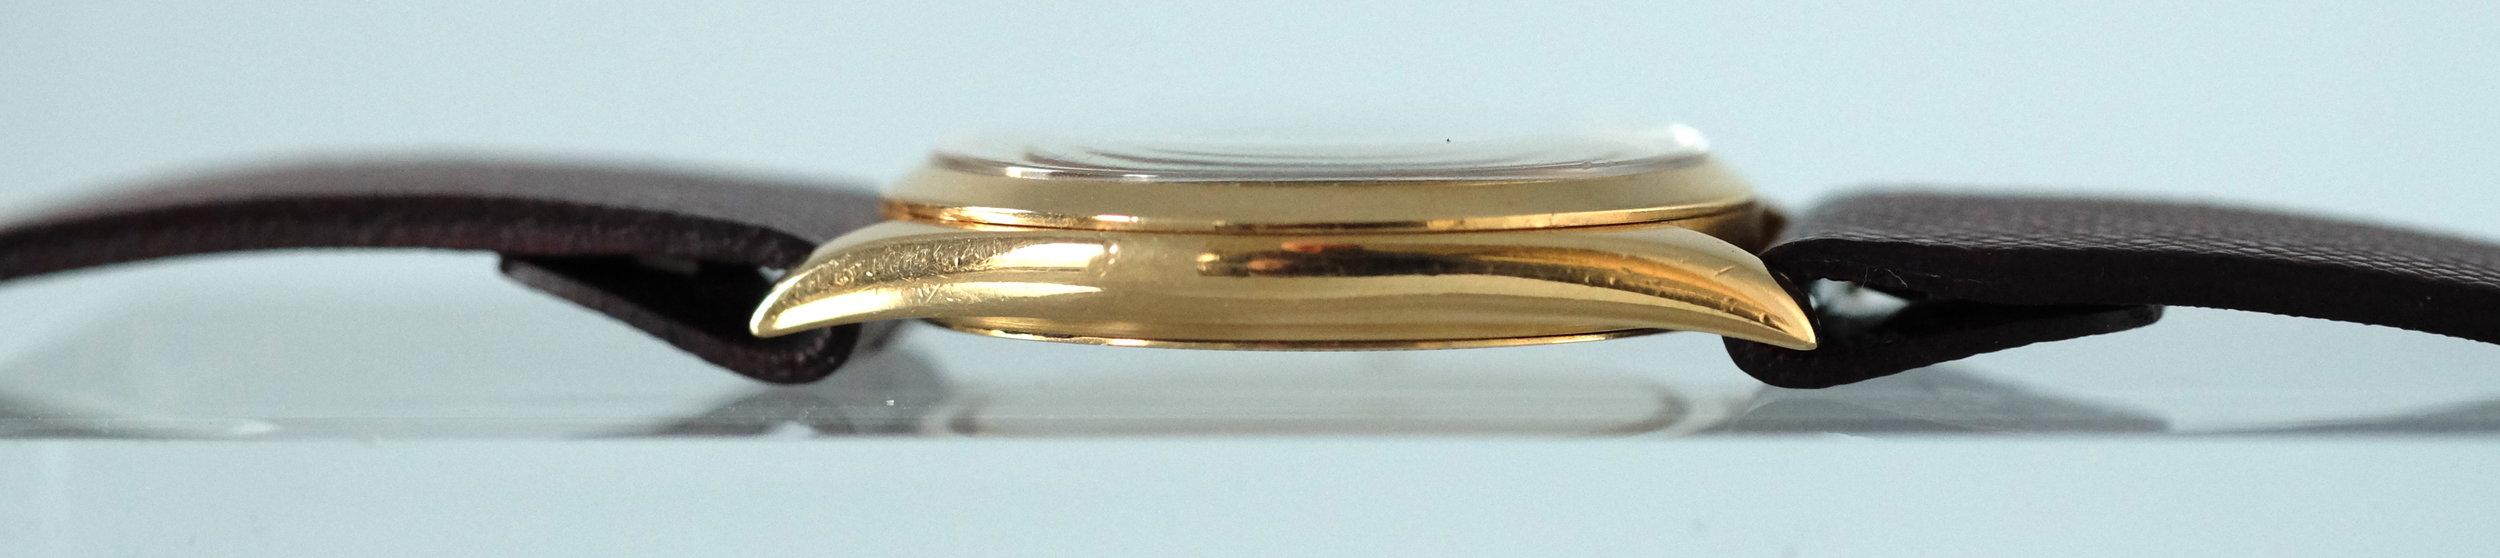 DSCF3895.JPG